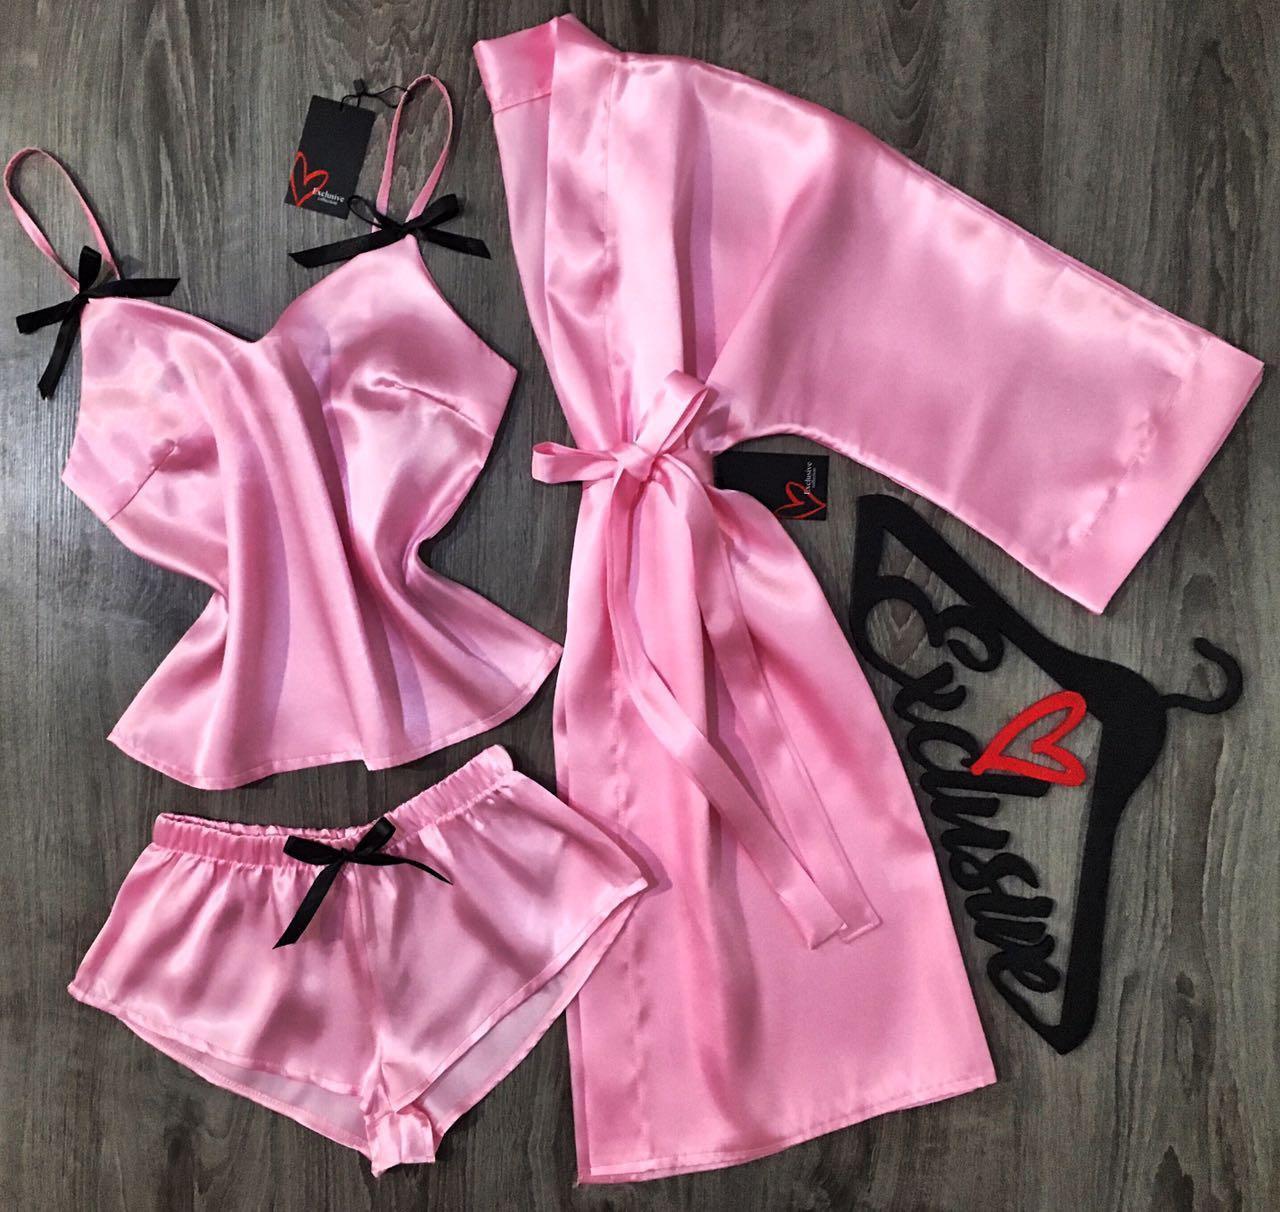 Молодежный атласный комплект майка шорты и халат розовый АТ-1099